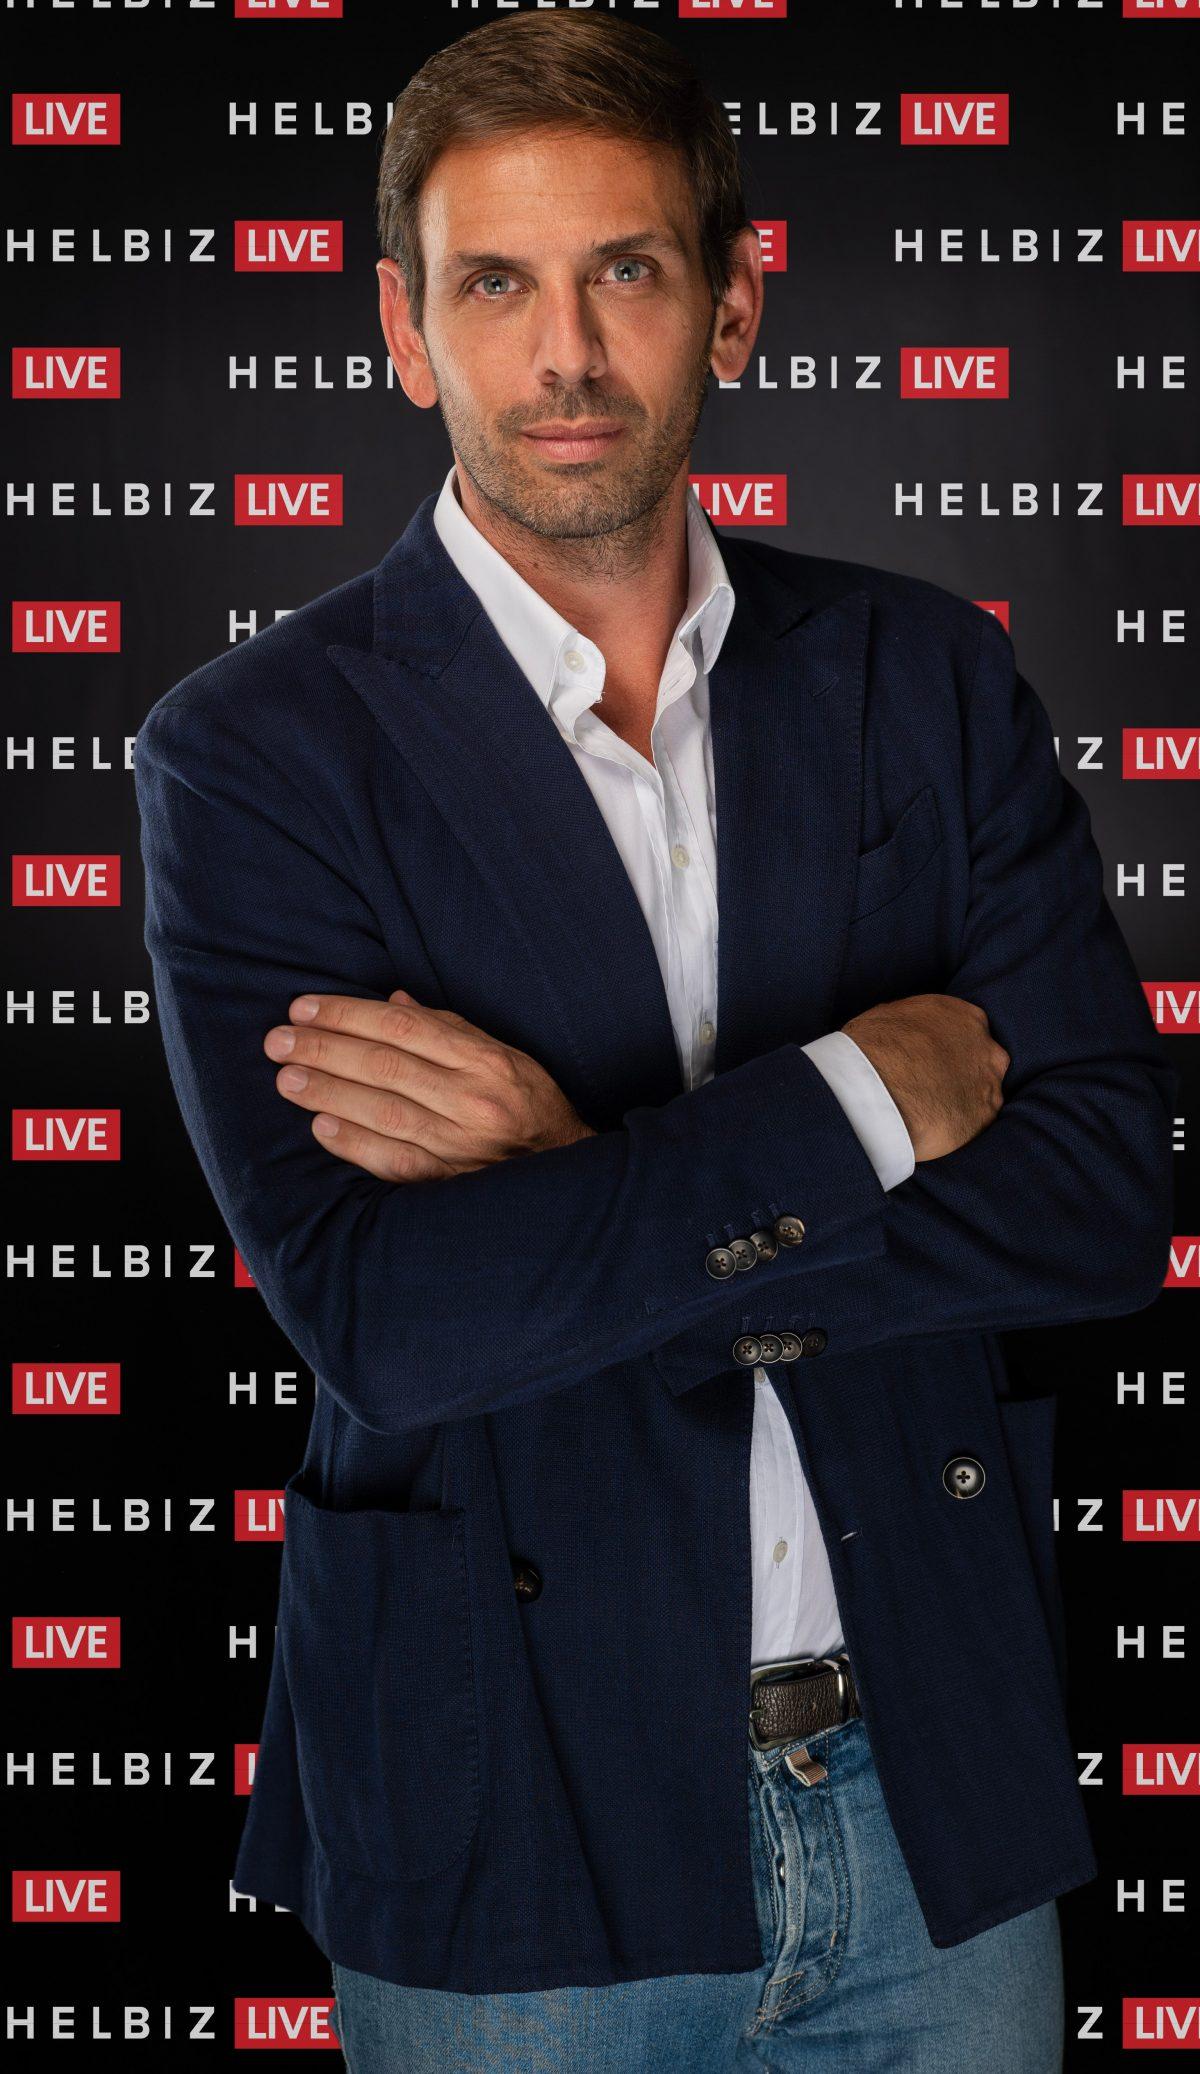 Matteo Mammì - CEO Helbiz Medi